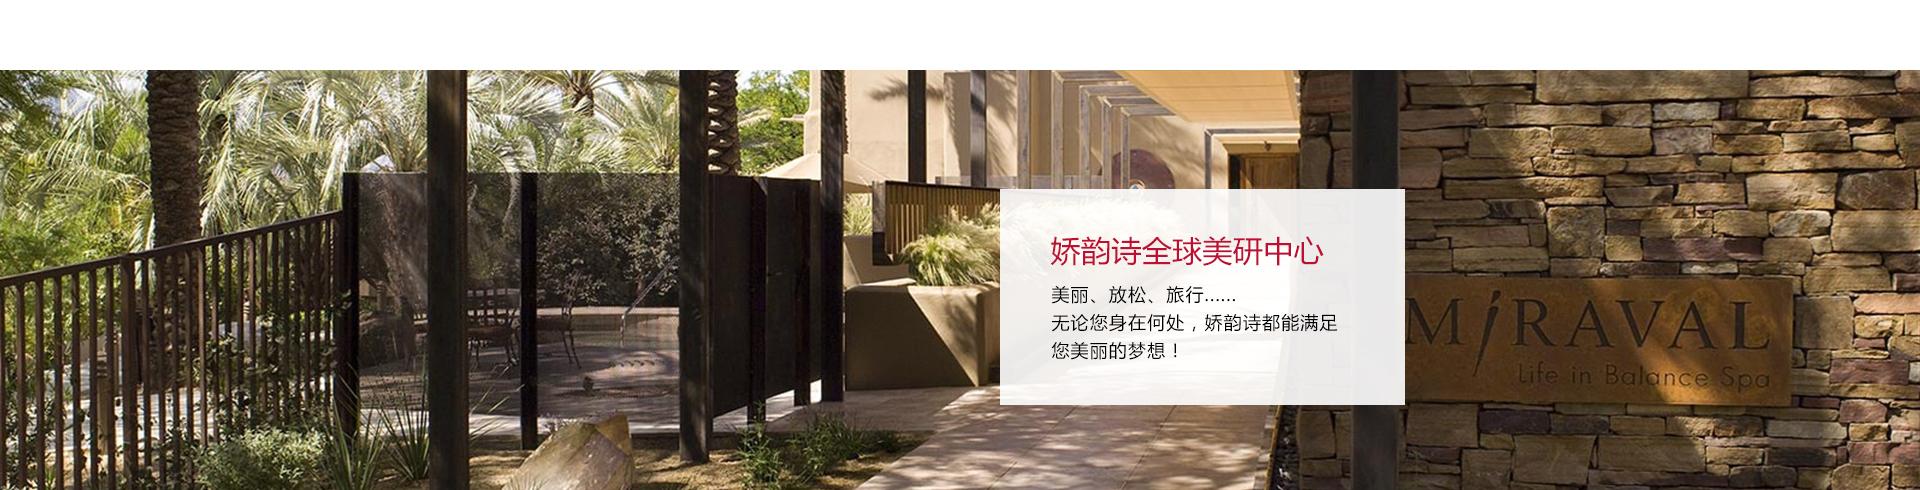 娇韵诗全球美研中心